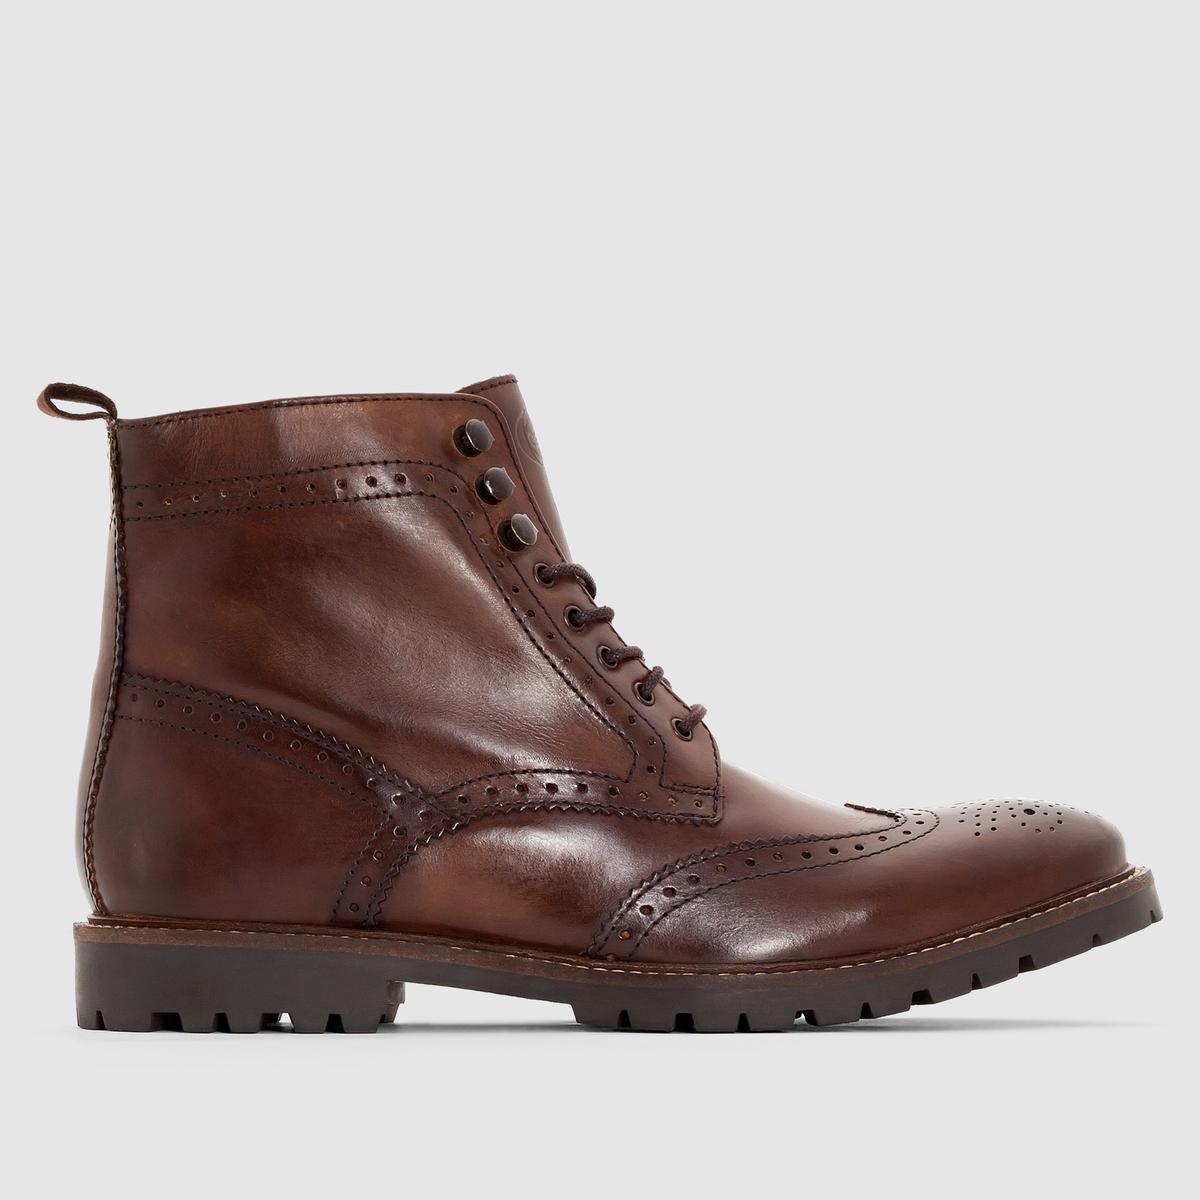 Ботильоны из кожи BASE LONDON TROOPПреимущества : ботильоны BASE LONDON на шнуровке, рифленой подошве и с очень стильным носком с цветочным принтом, модная кожа с эффектом патины .<br><br>Цвет: каштановый,черный<br>Размер: 44